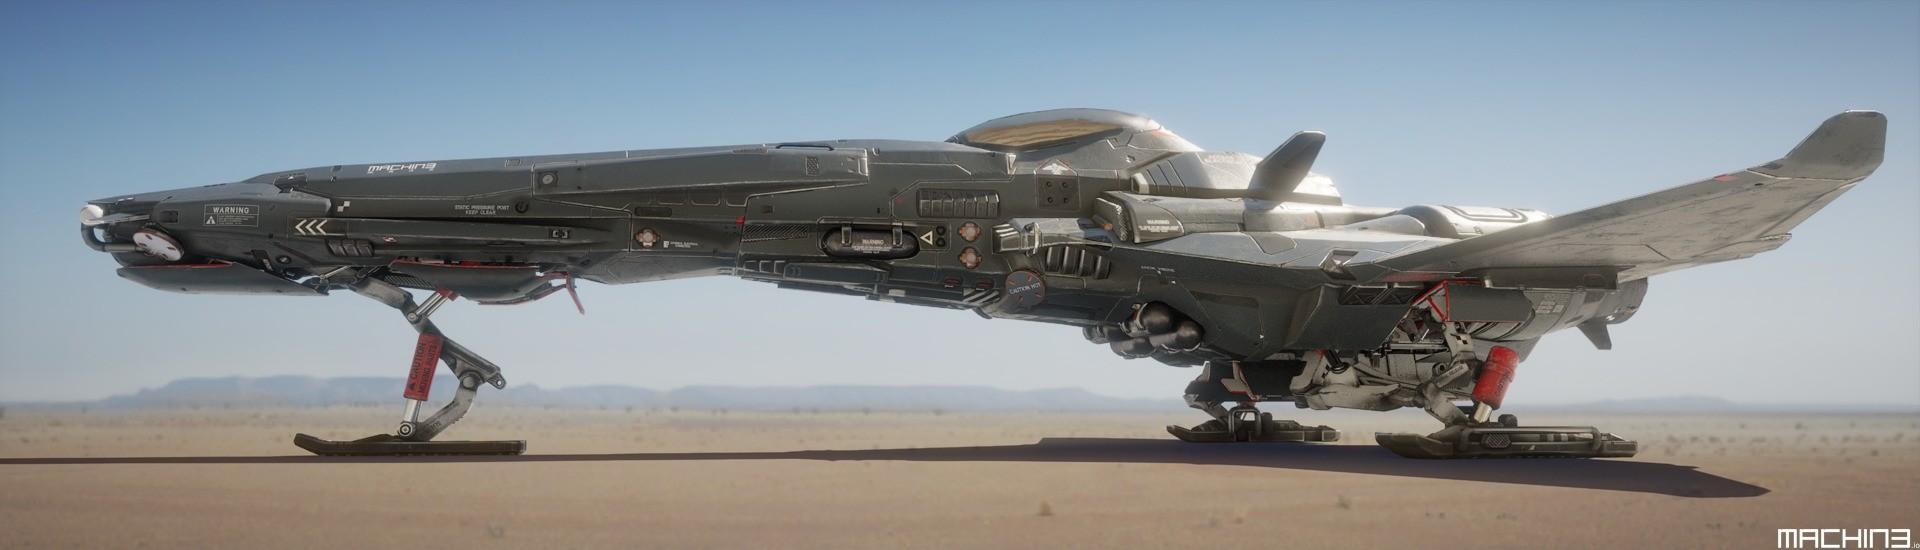 machin-starfighter-render4.jpg?149080009